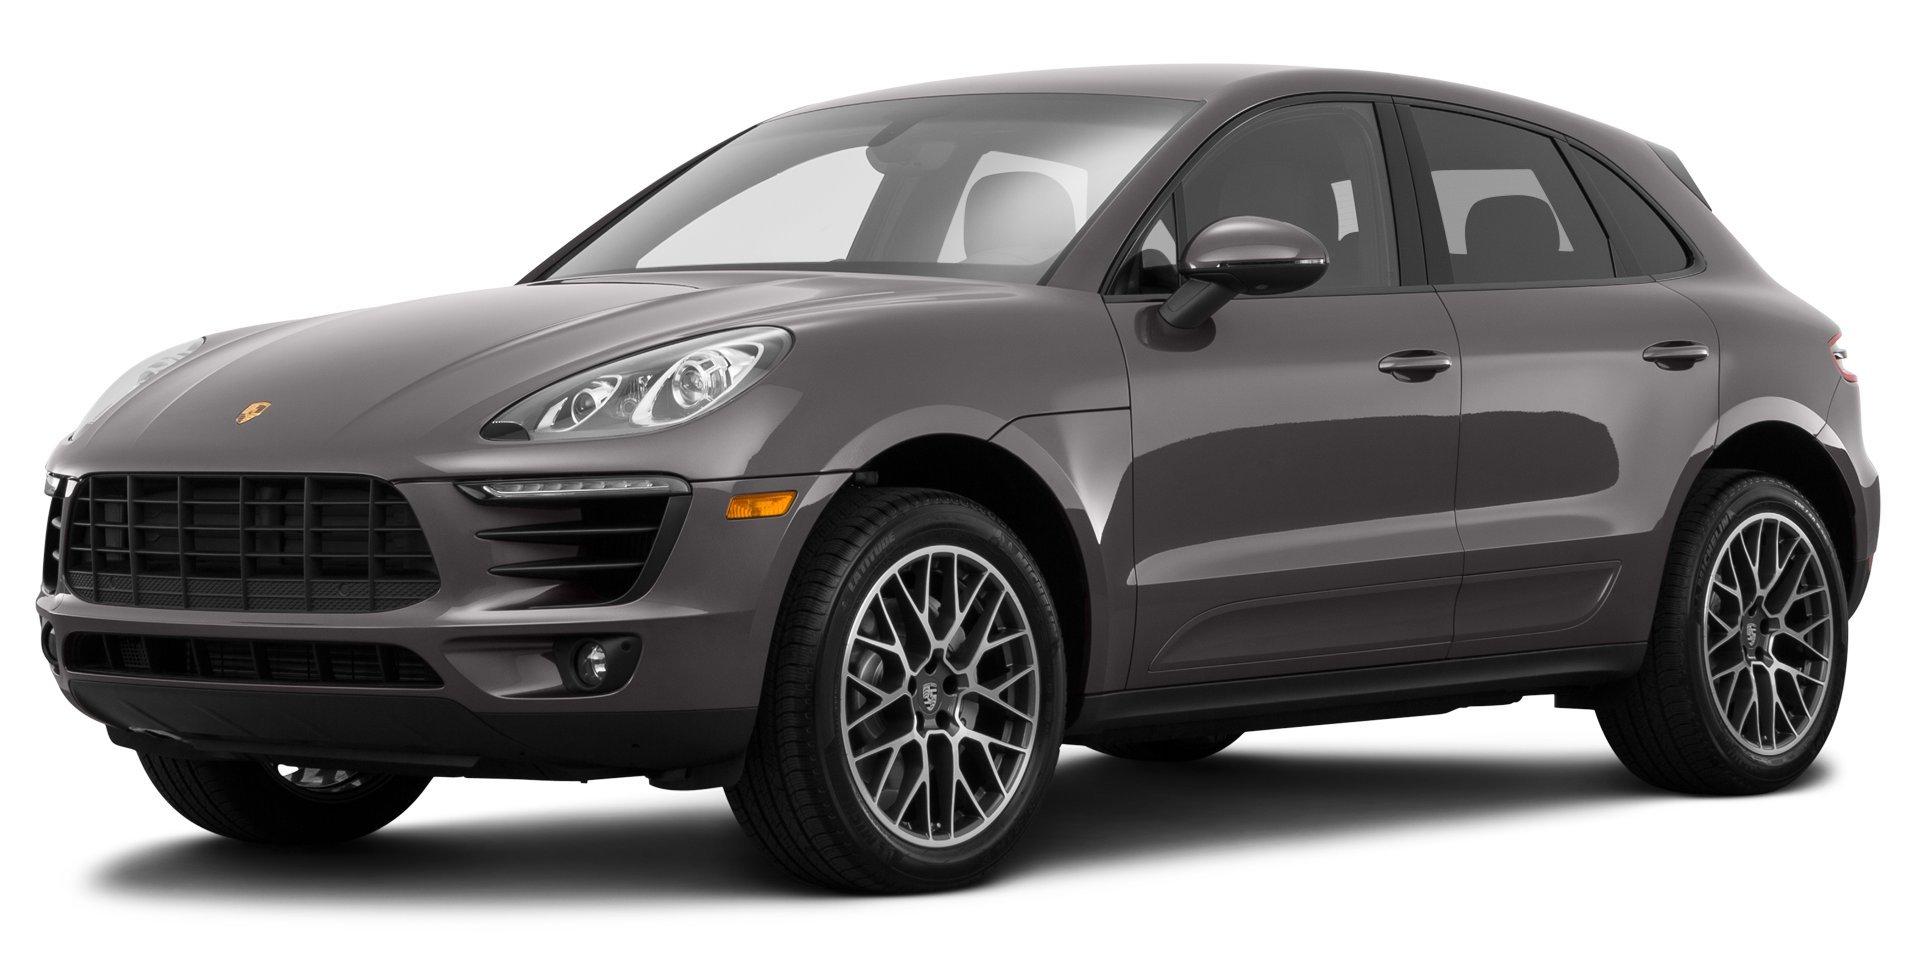 ... 2016 Porsche Macan S, All Wheel Drive 4-Door ...